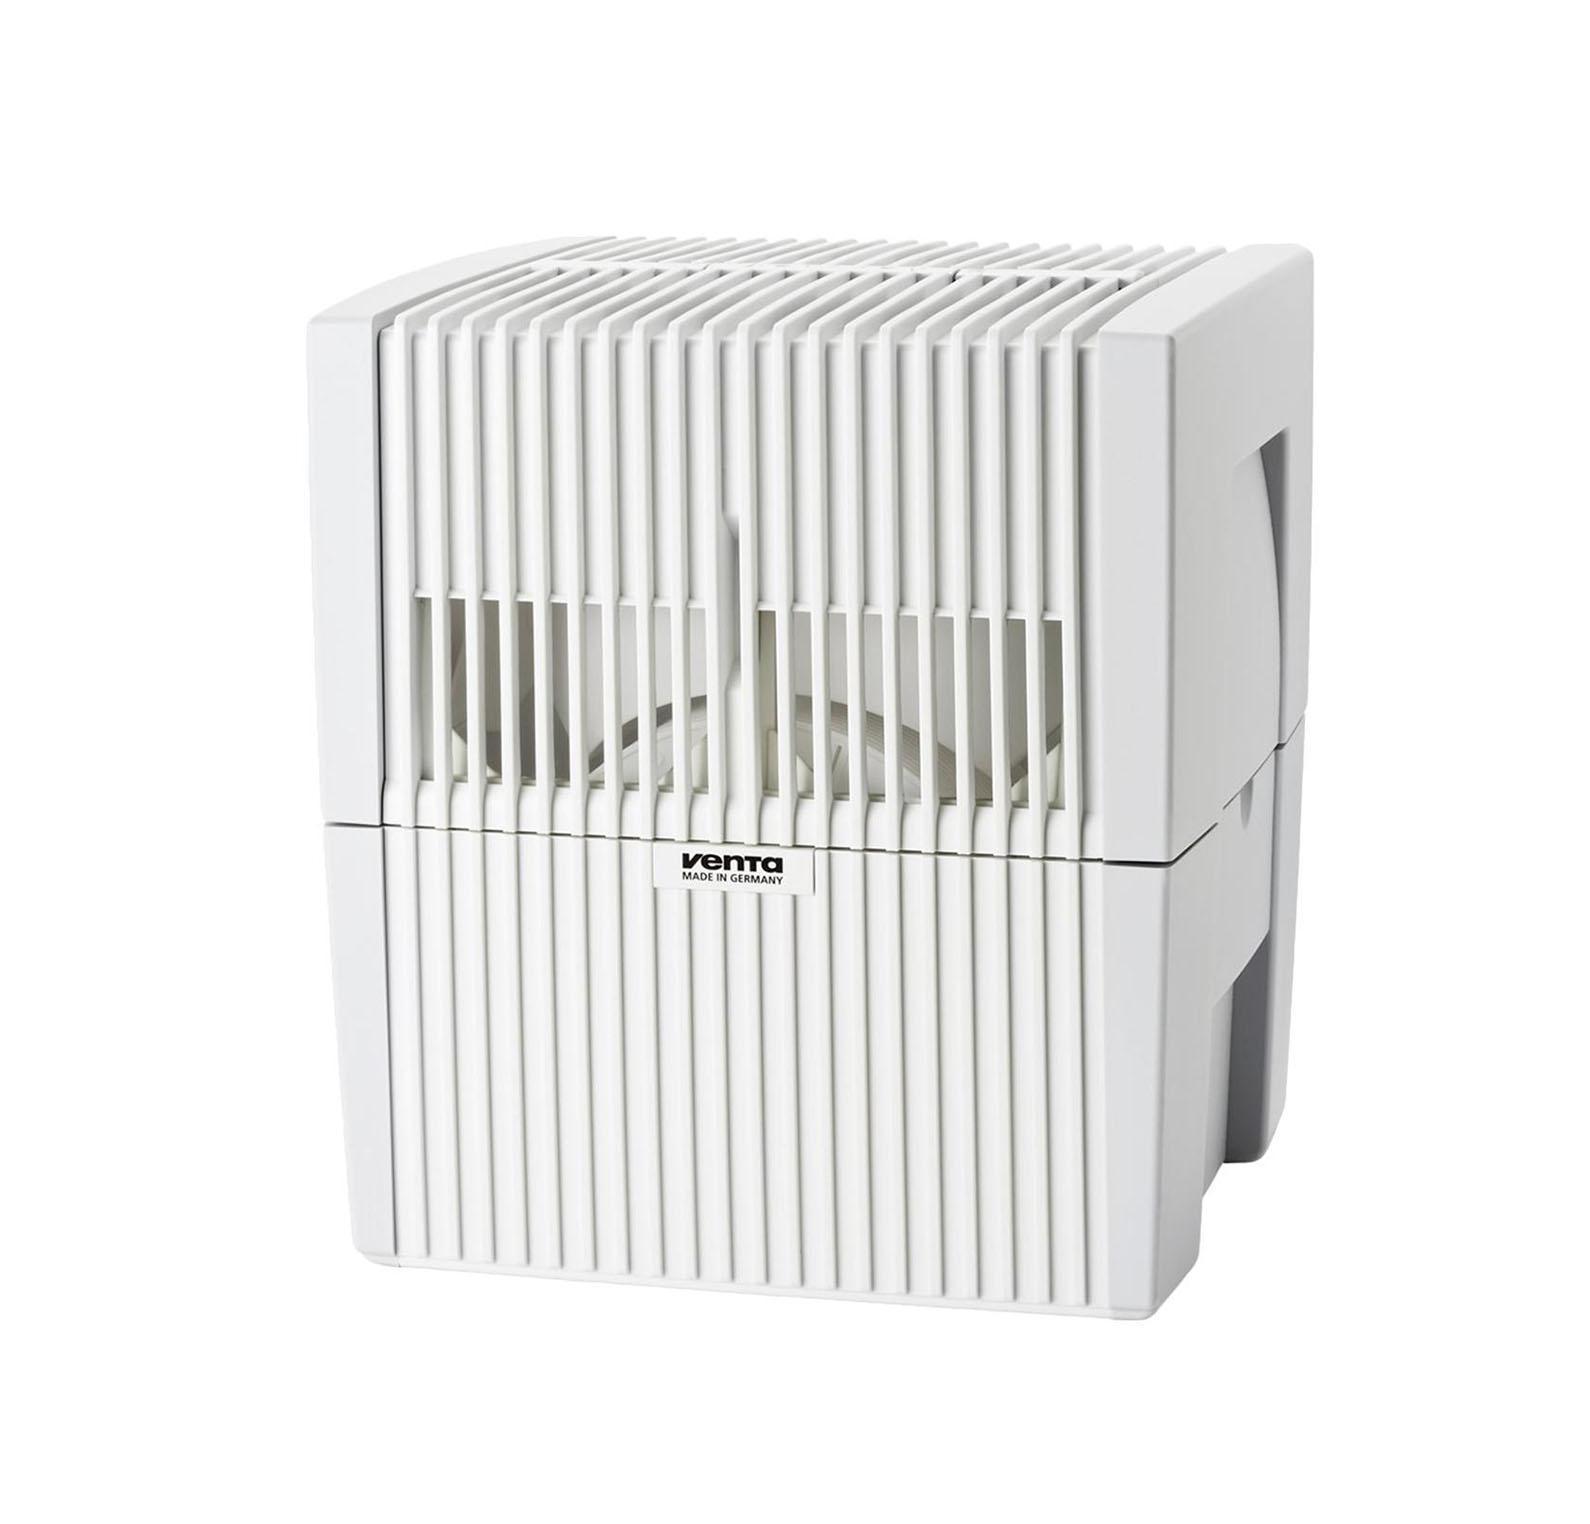 Очиститель воздуха Venta LW 25, White очиститель воздуха venta lw 81 белый